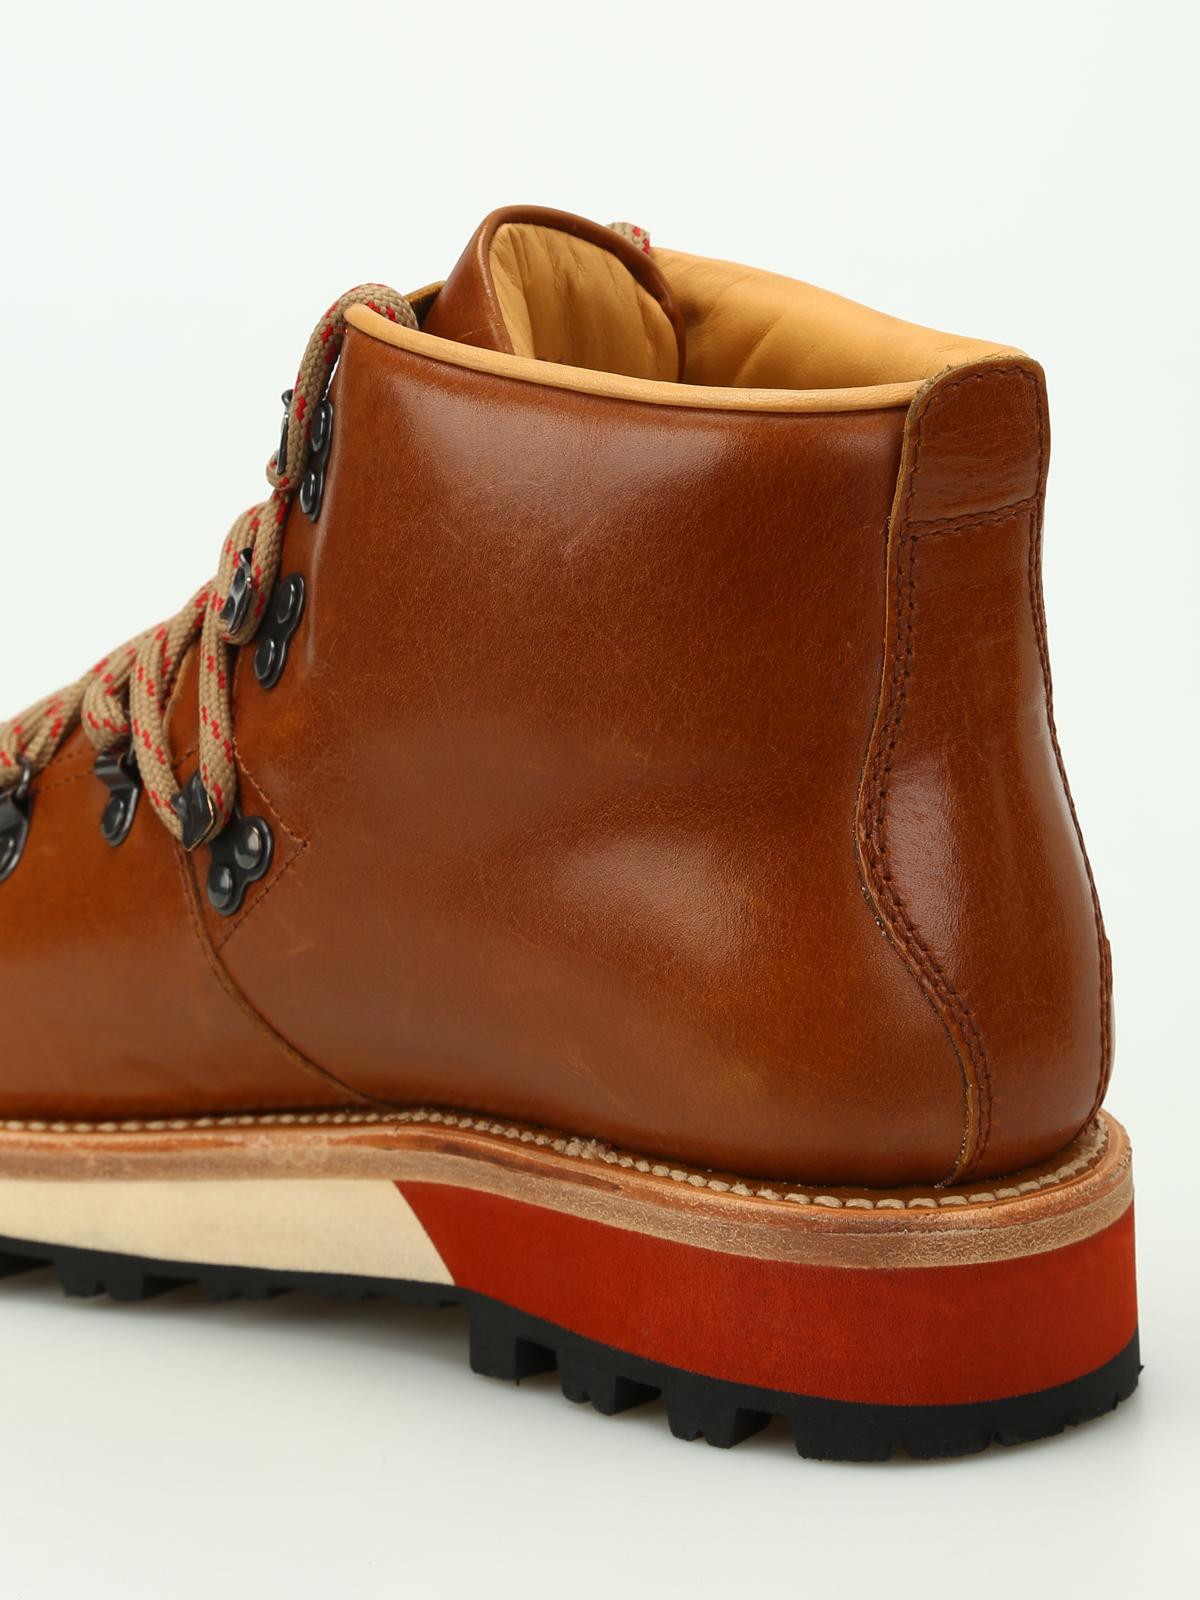 molte scelte di bello economico cercare Woolrich - Scarponi da trekking in pelle - tronchetti - W1030330